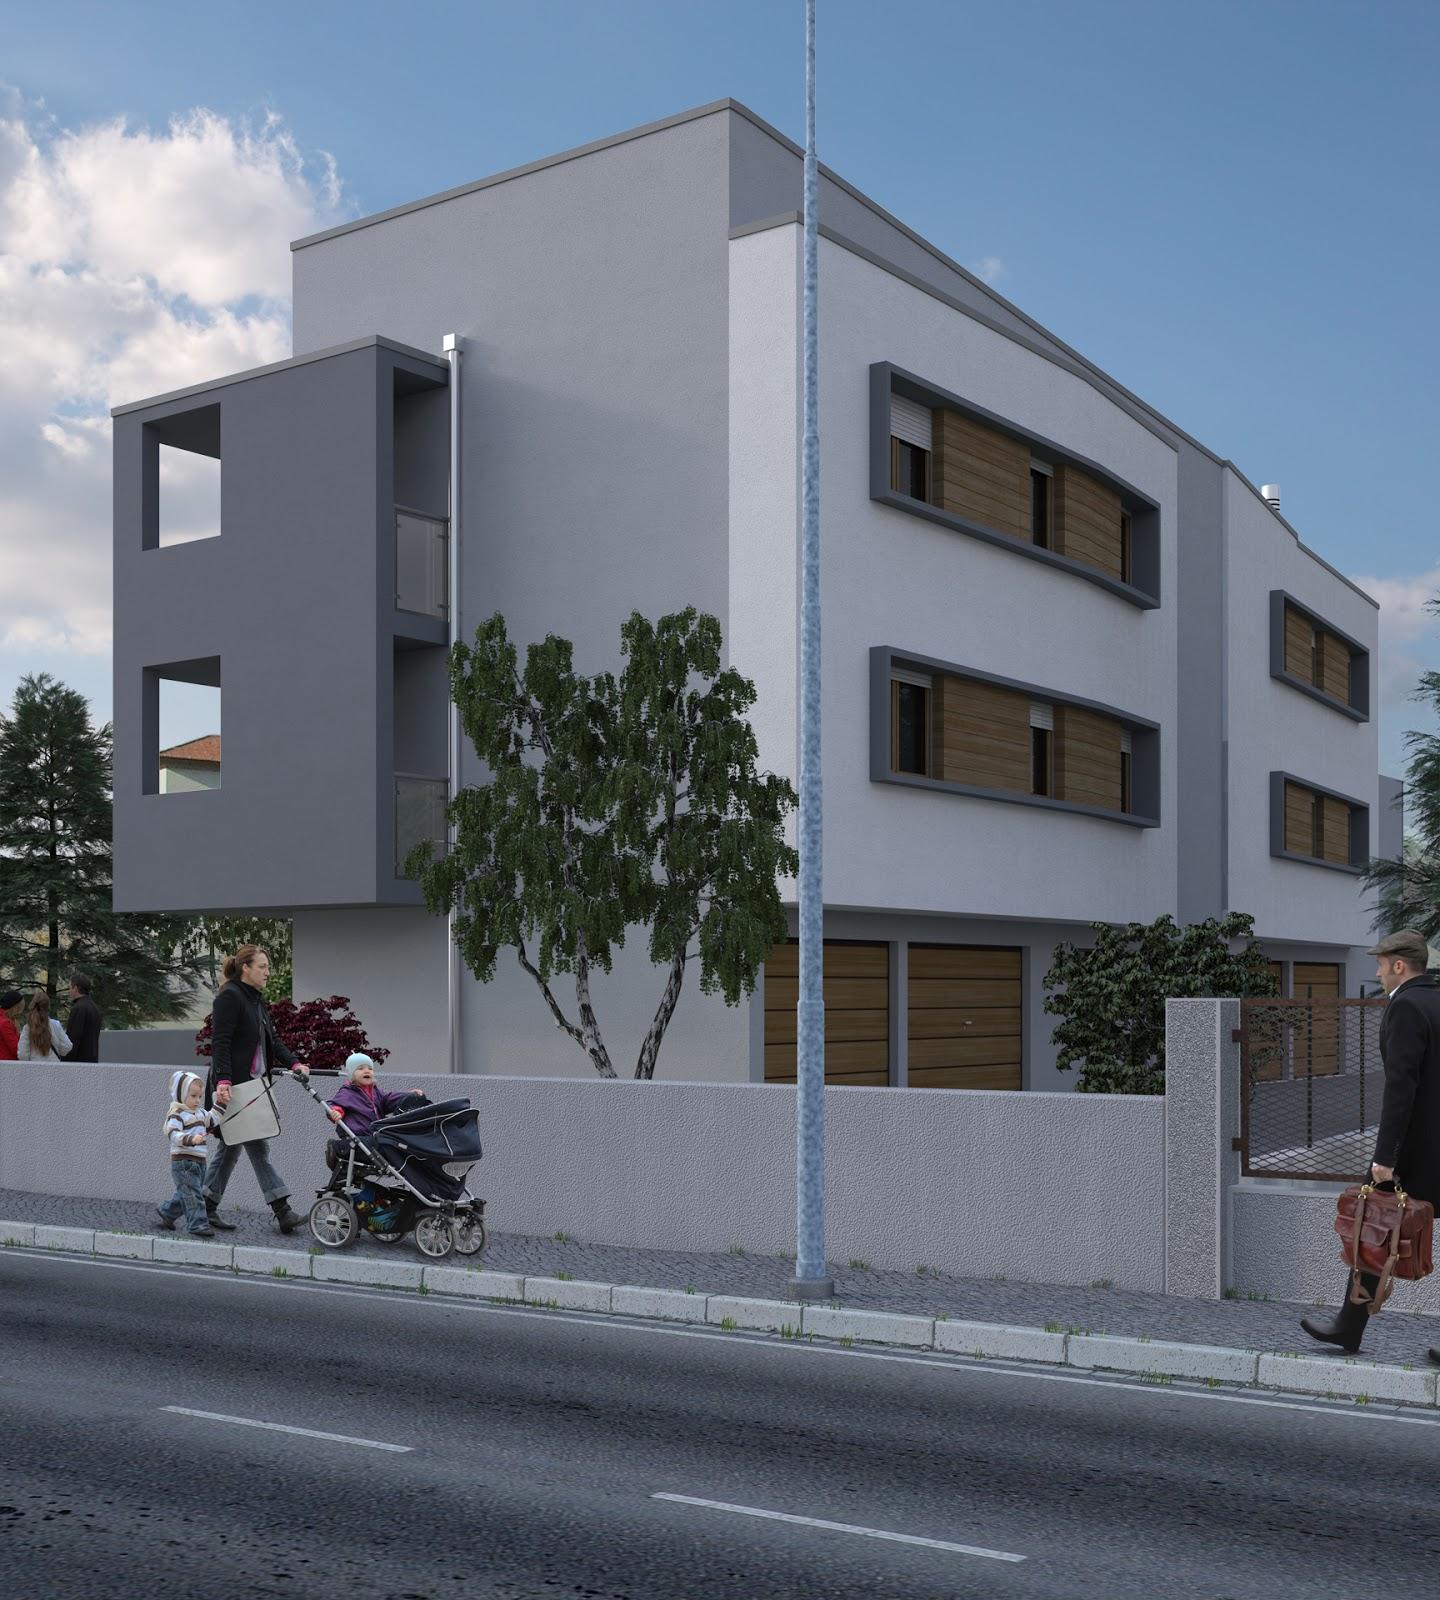 Della schiava ferruccio revit instructor gallerini progetti for Progettazione di edifici residenziali